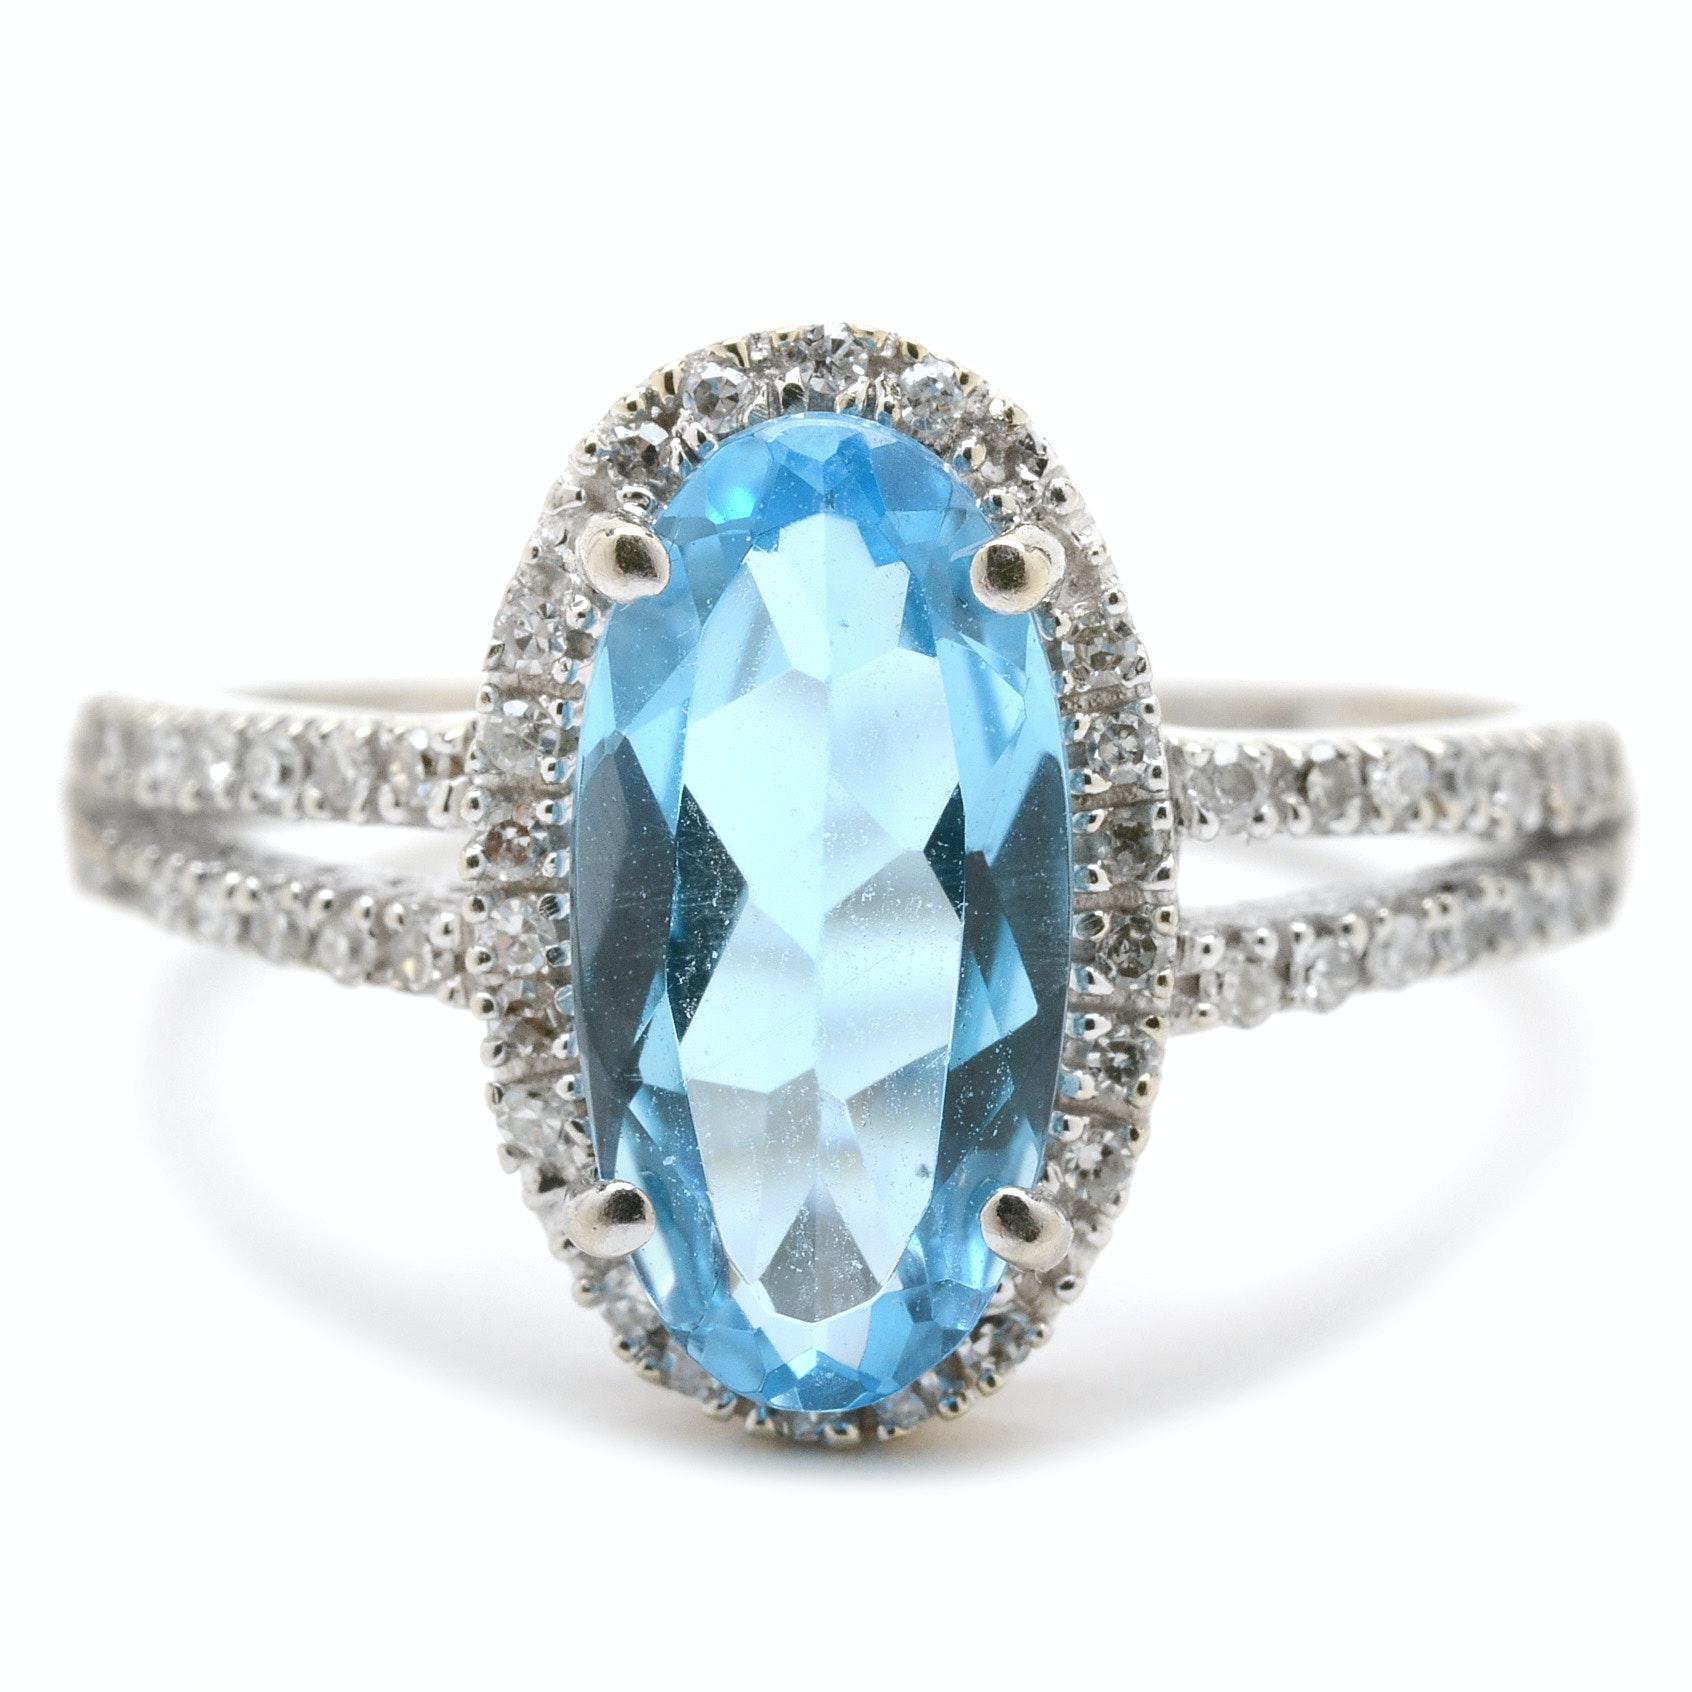 14K White Gold Natural Blue Topaz Diamond Fashion Ring